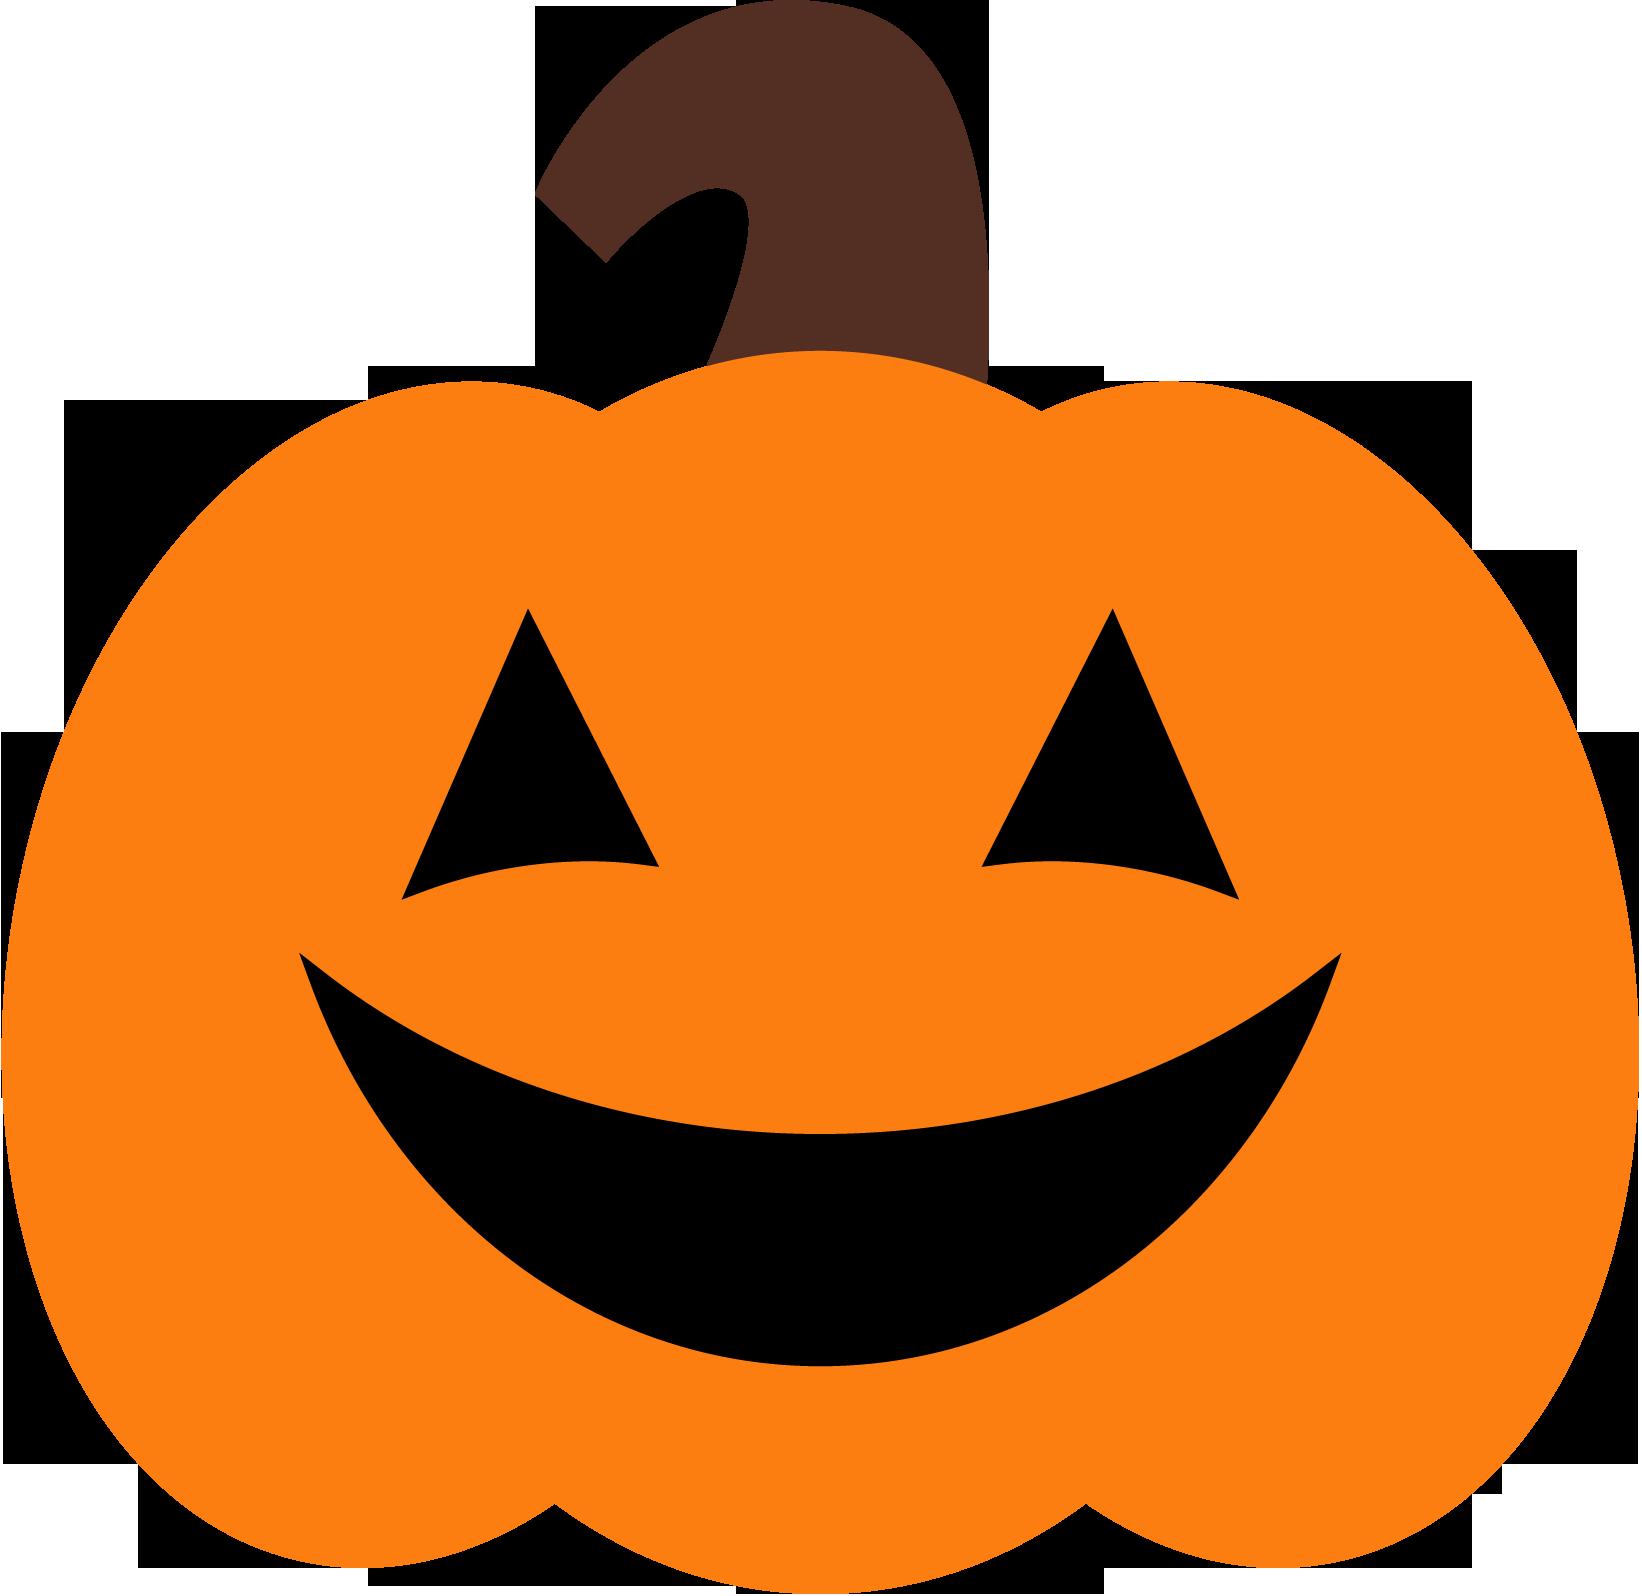 Halloween Pumpkin Clip Art-Halloween Pumpkin Clip Art-4